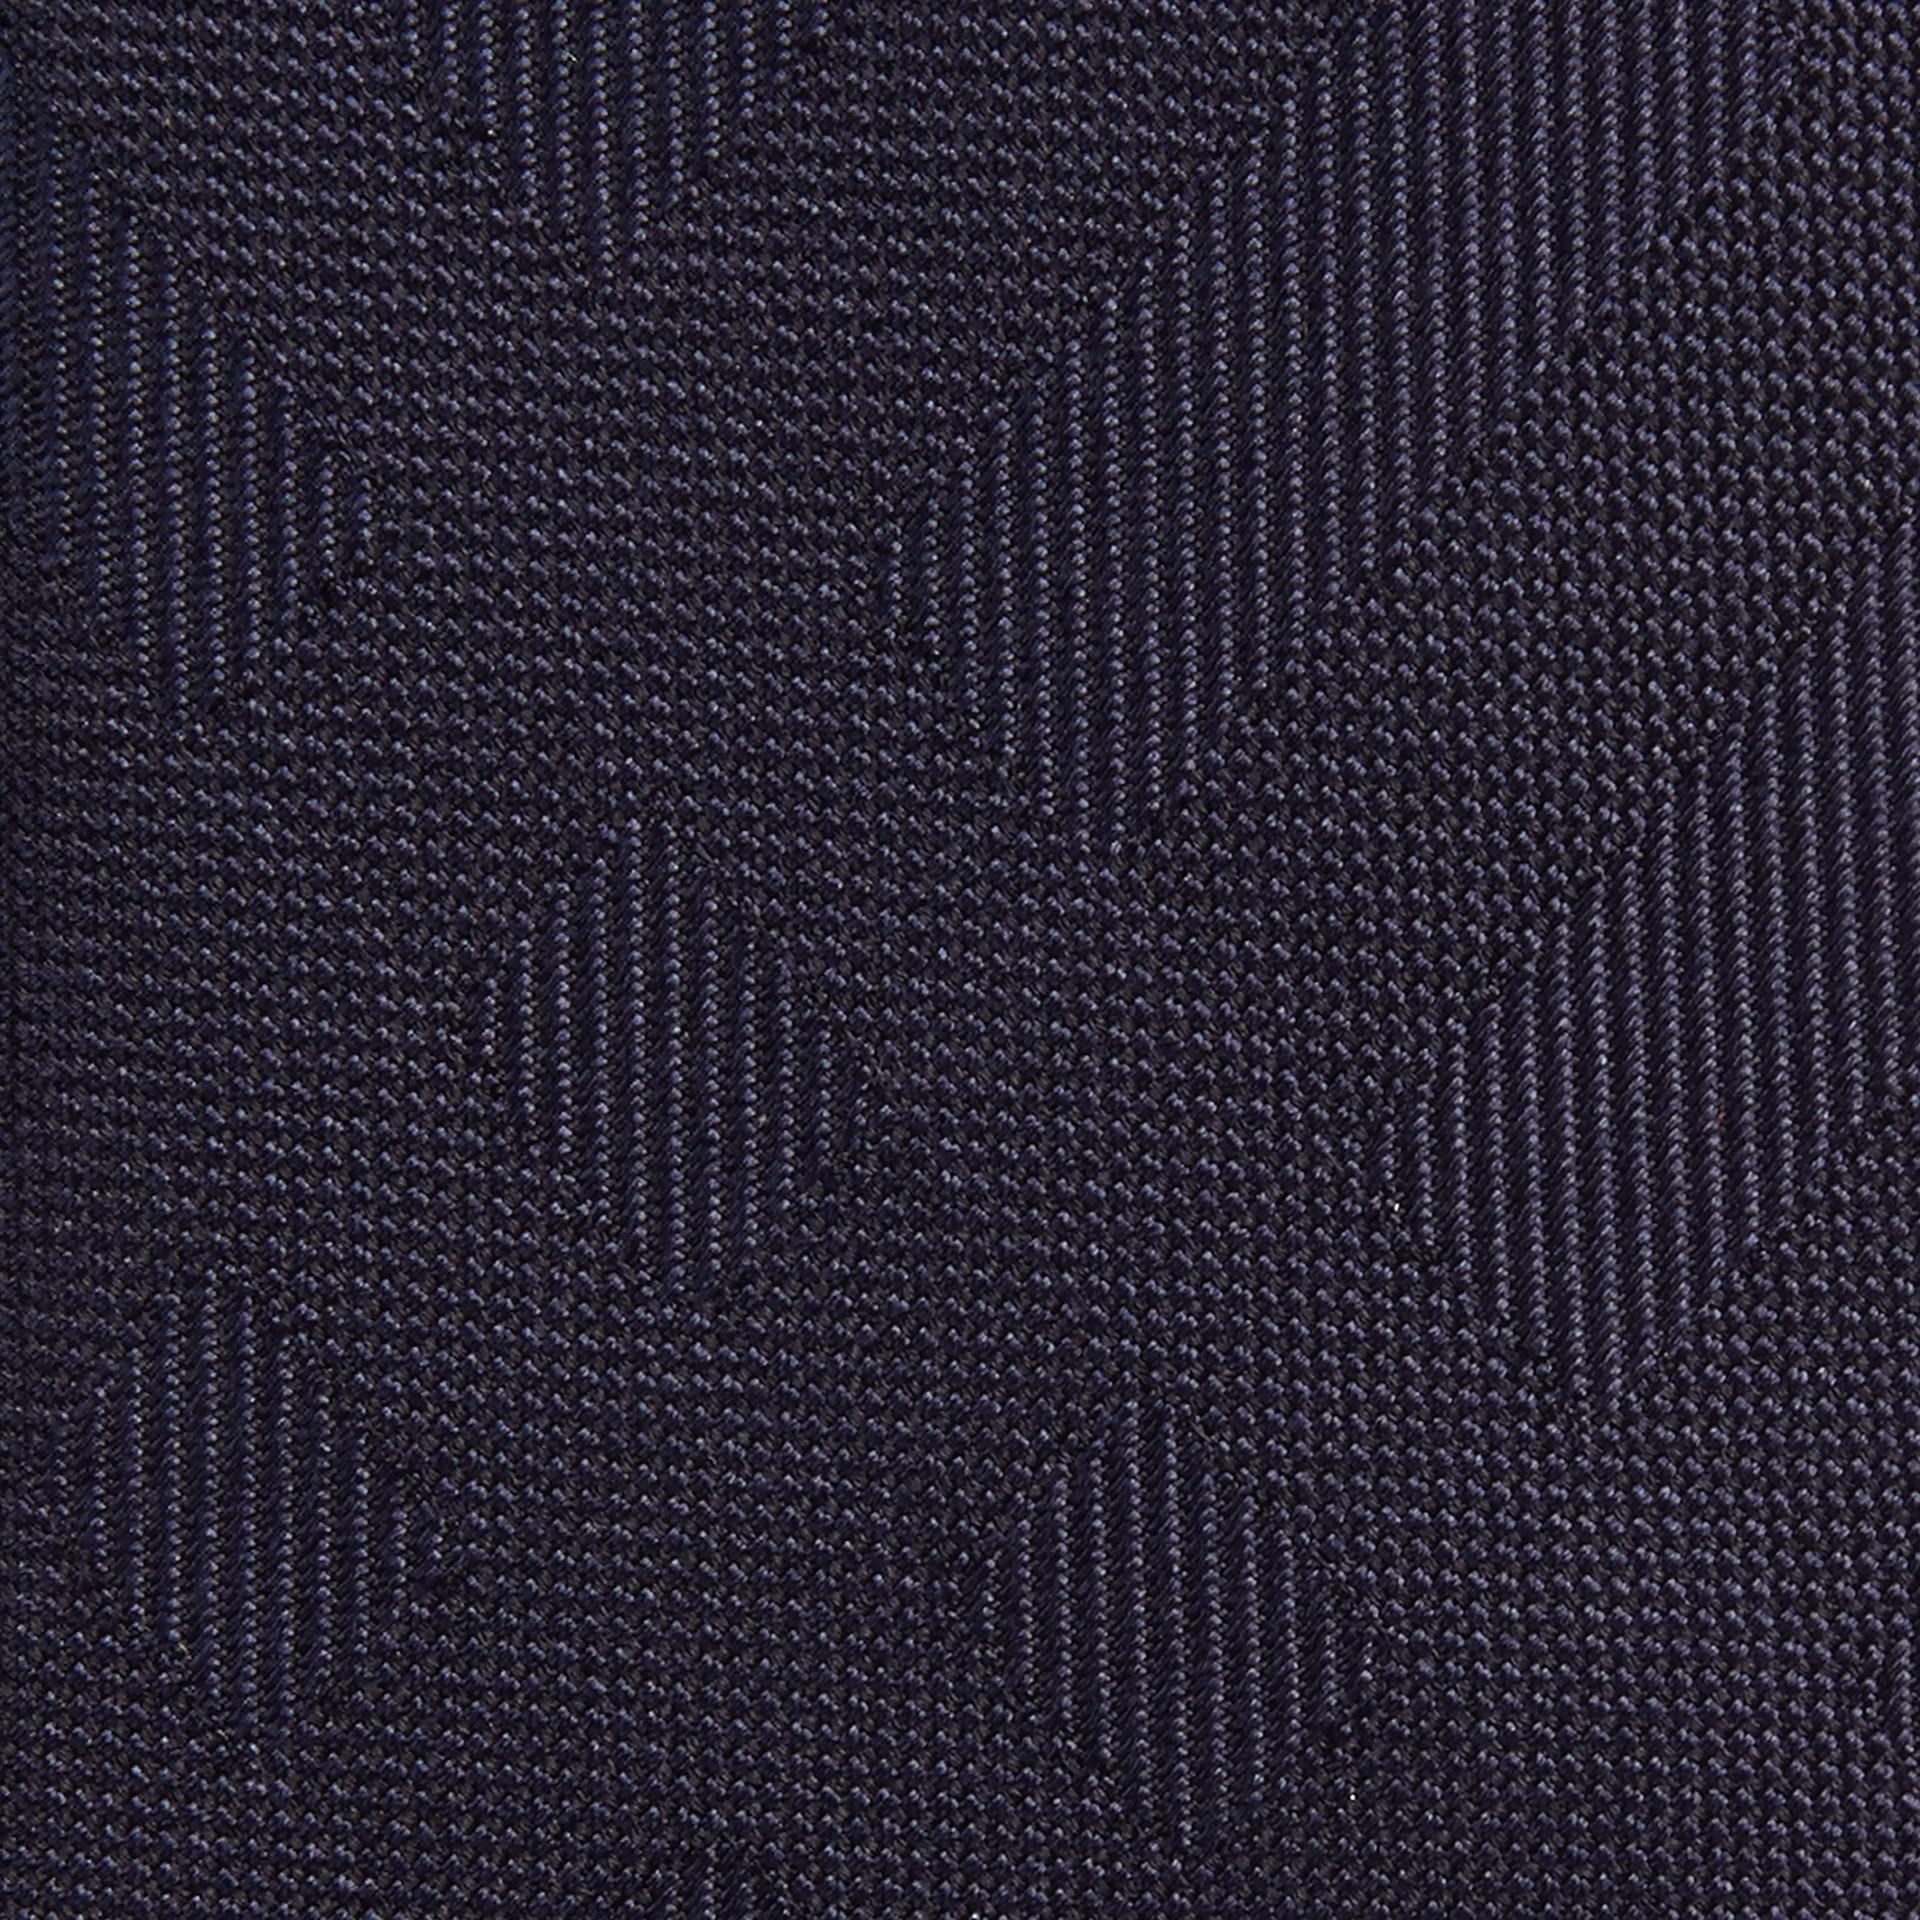 Azul marinho Gravata slim de seda com padrão xadrez Azul Marinho - galeria de imagens 2